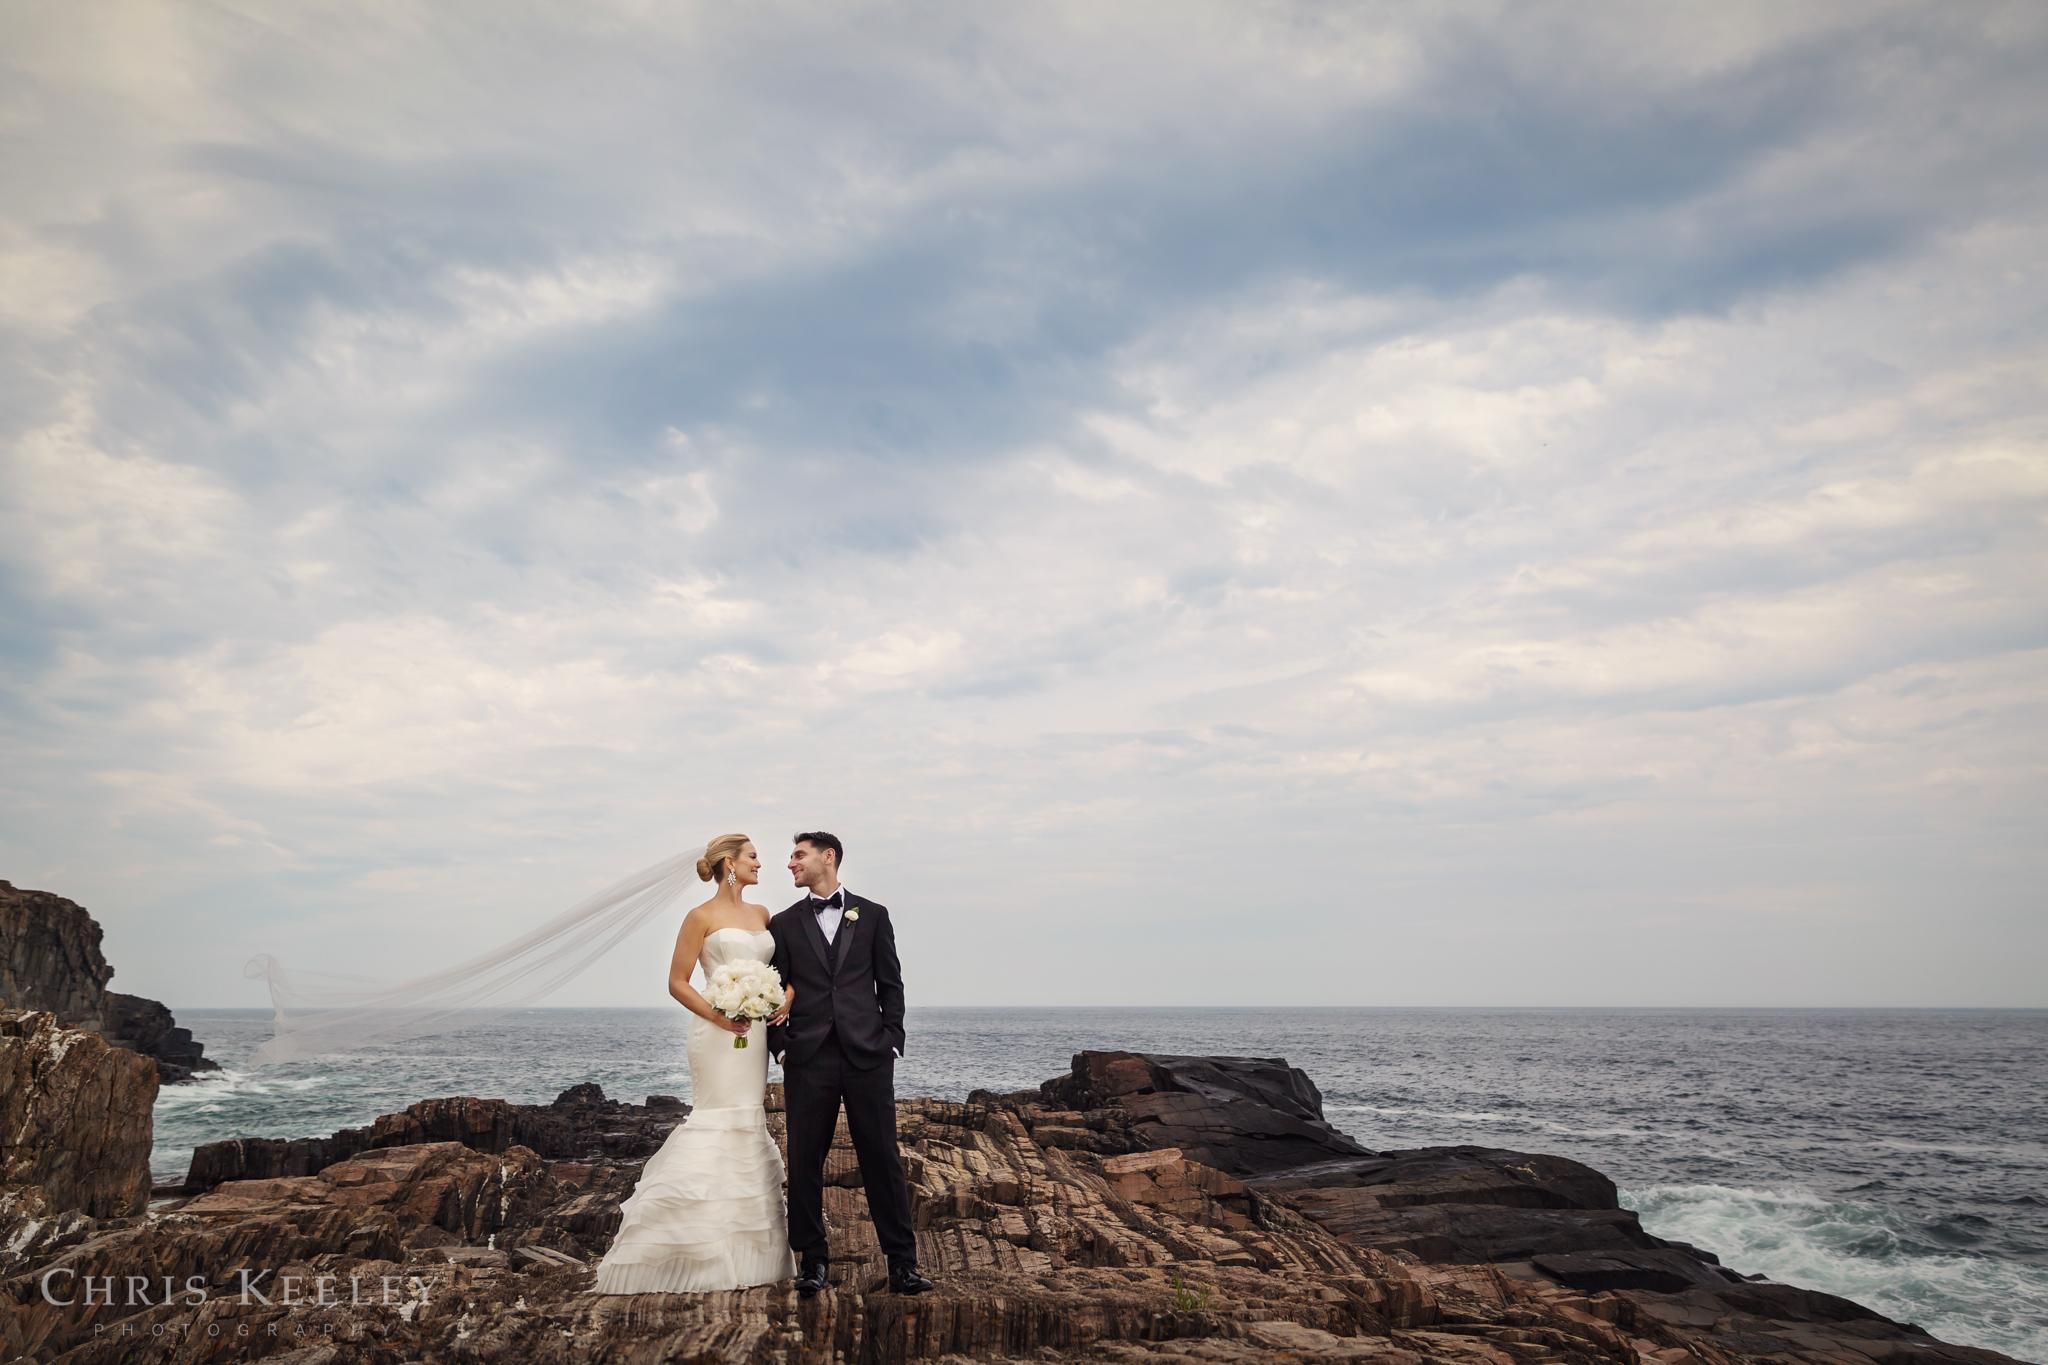 cliff-house-maine-wedding-photographer-chris-keeley-33.jpg